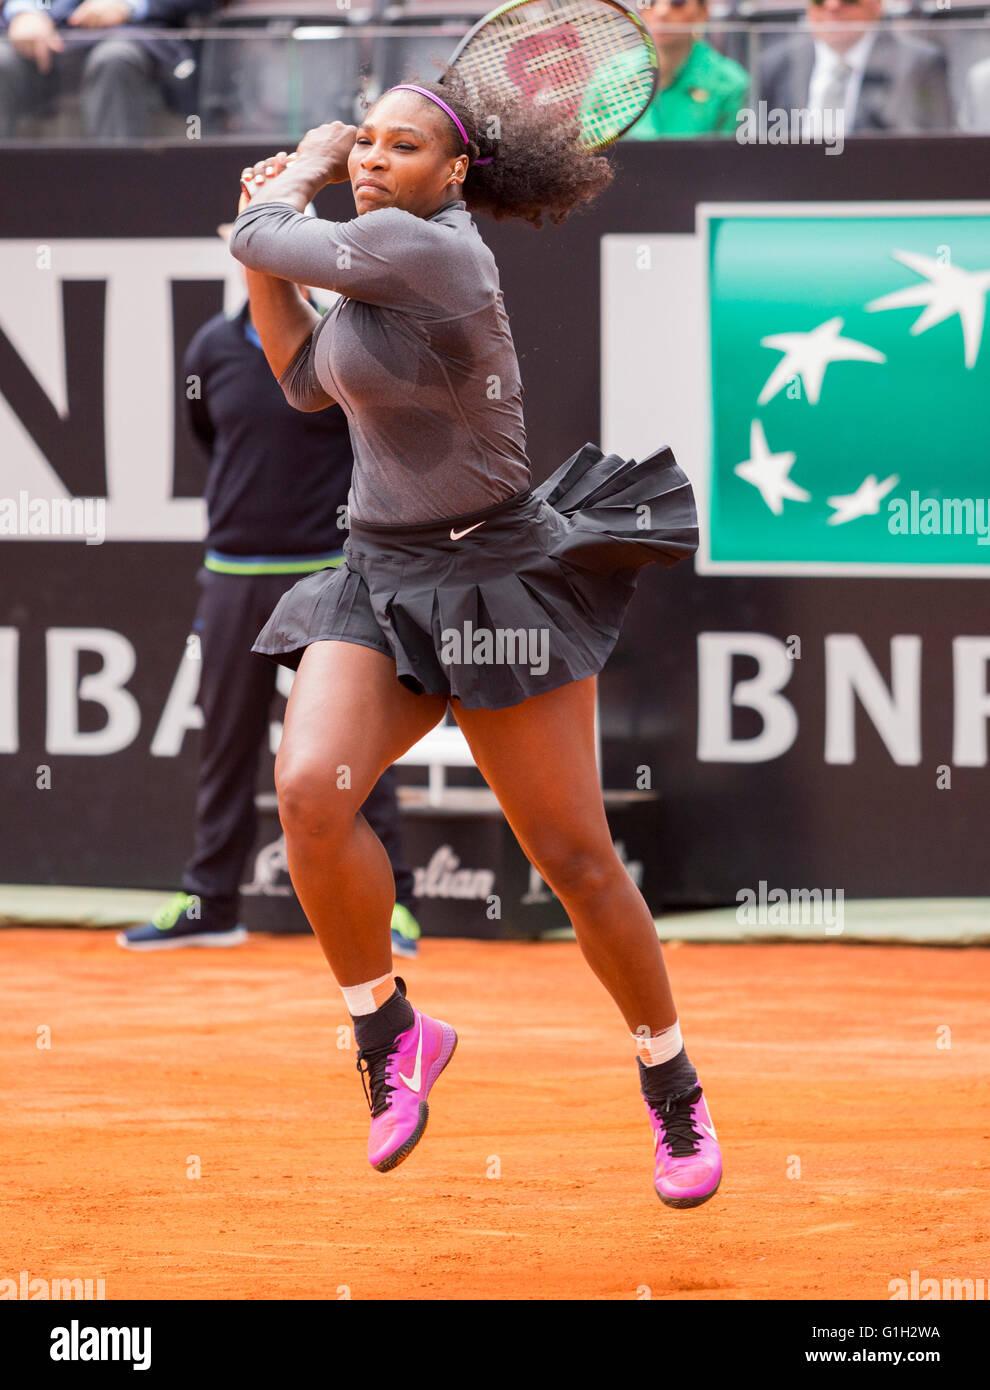 Serena Williams jugando en la final de singles mujeres en Roma en la BNL internationals de tenis 2016 Foto de stock